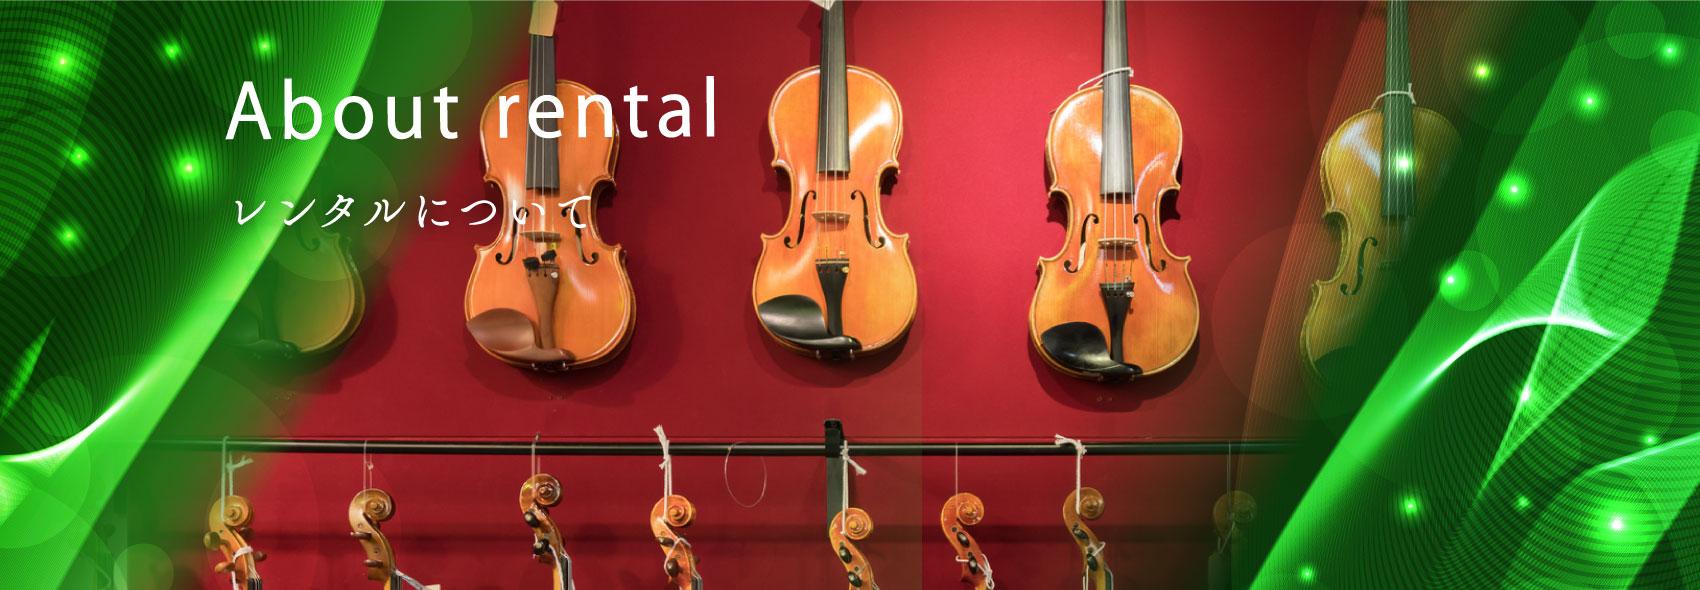 楽器・スタジオのレンタル